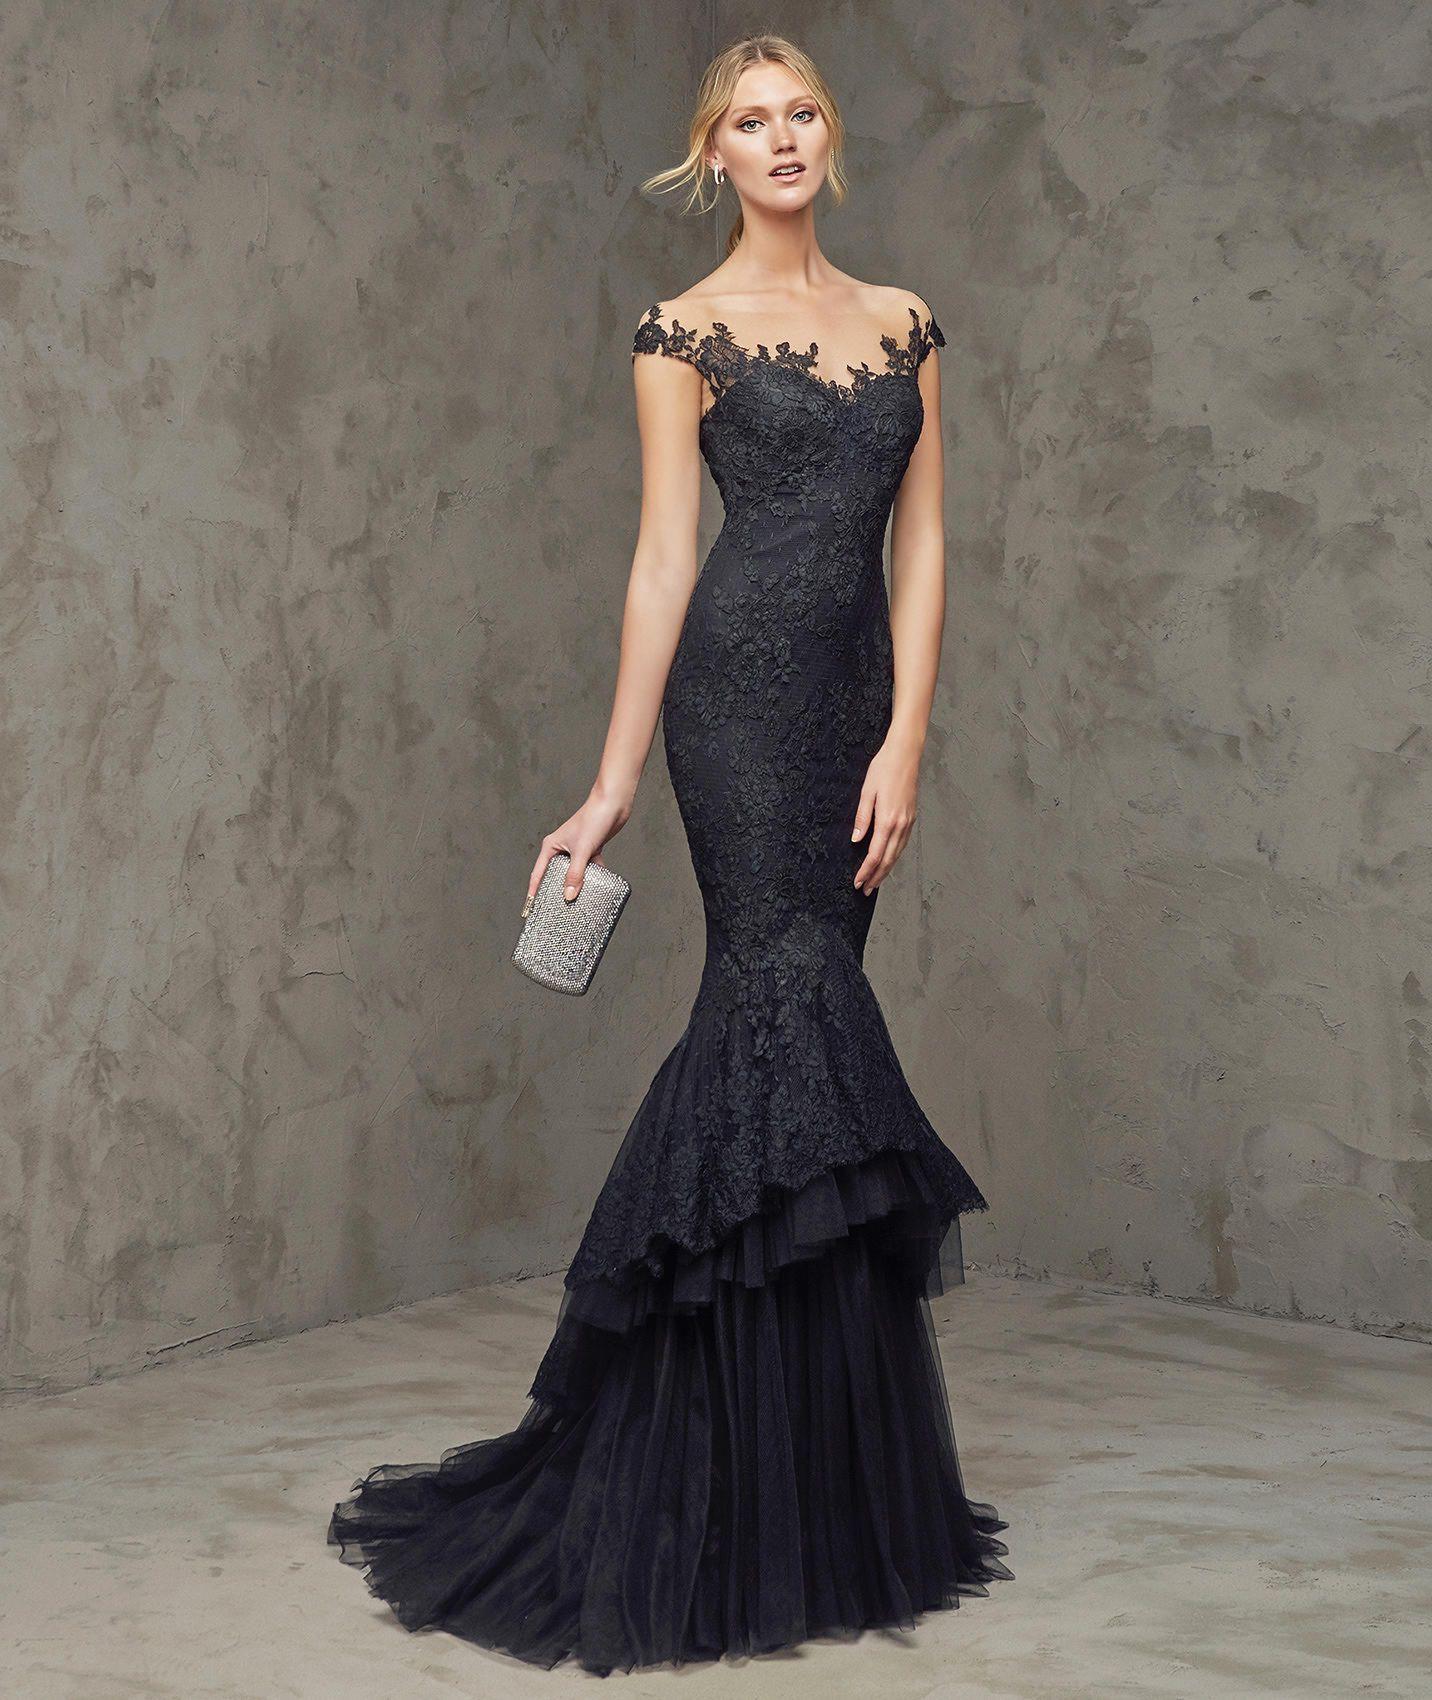 Vestido de festa preto com tule